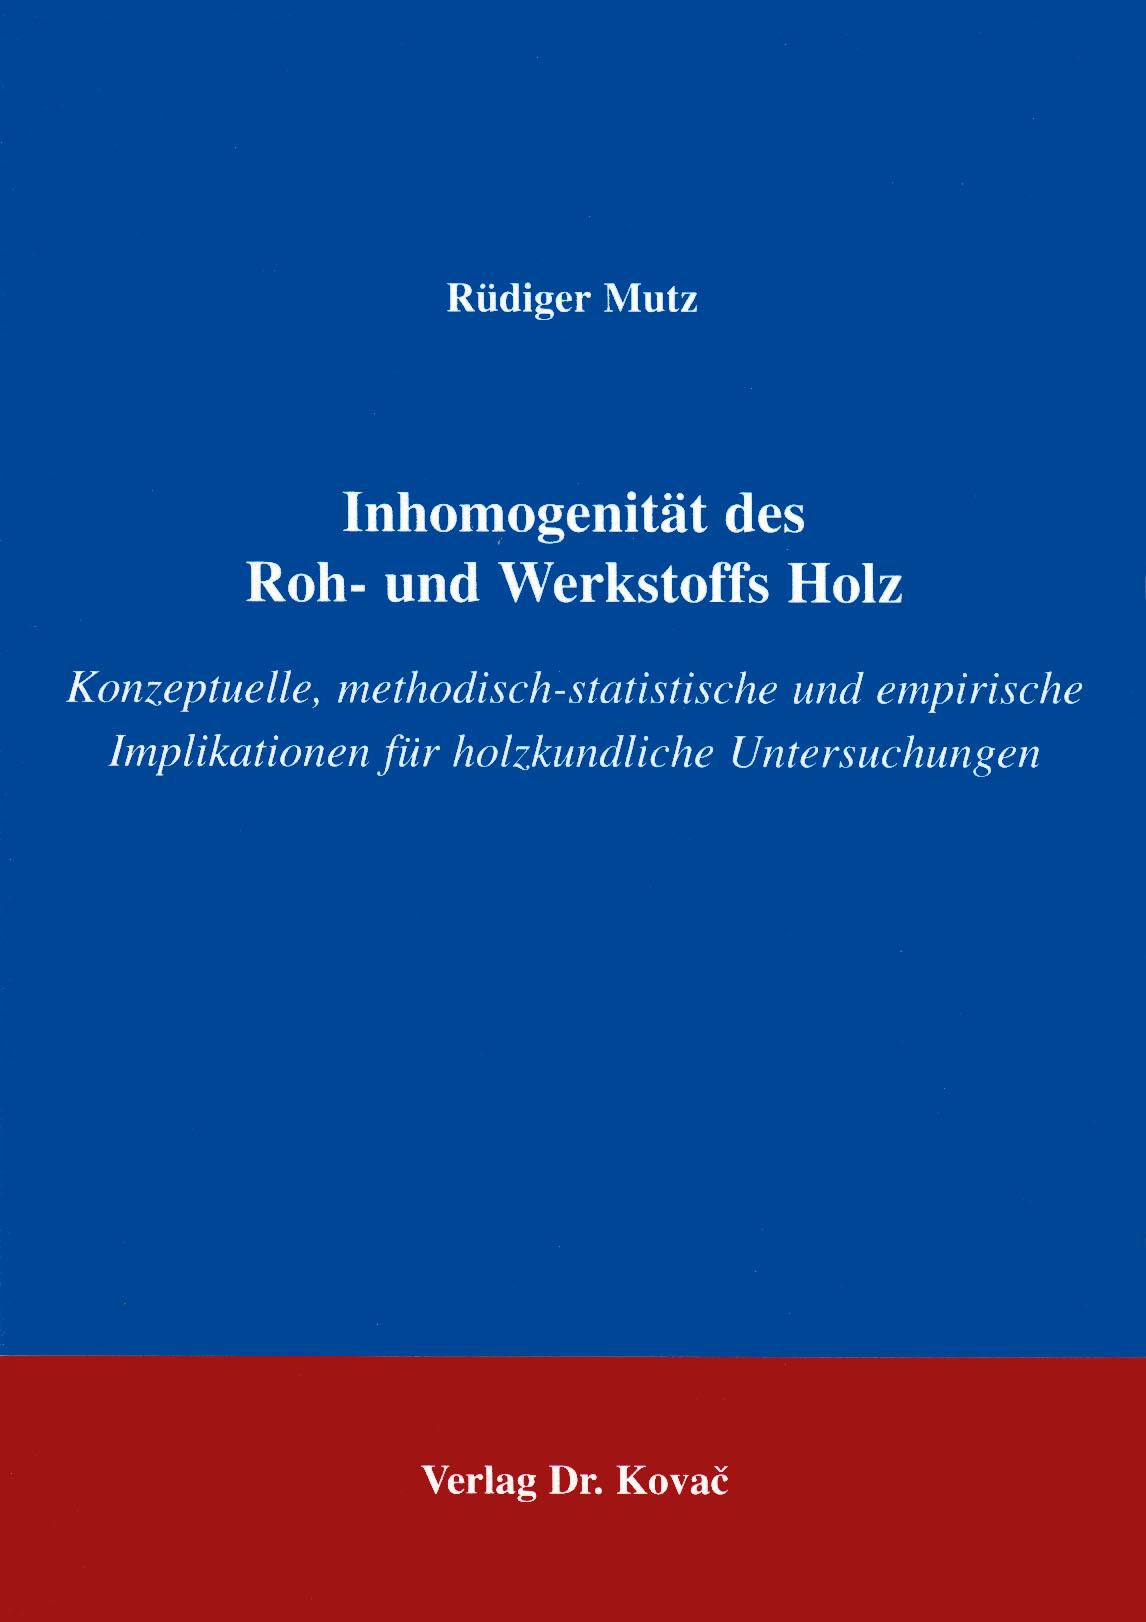 Cover: Inhomogenität des Roh- und Werkstoffs Holz